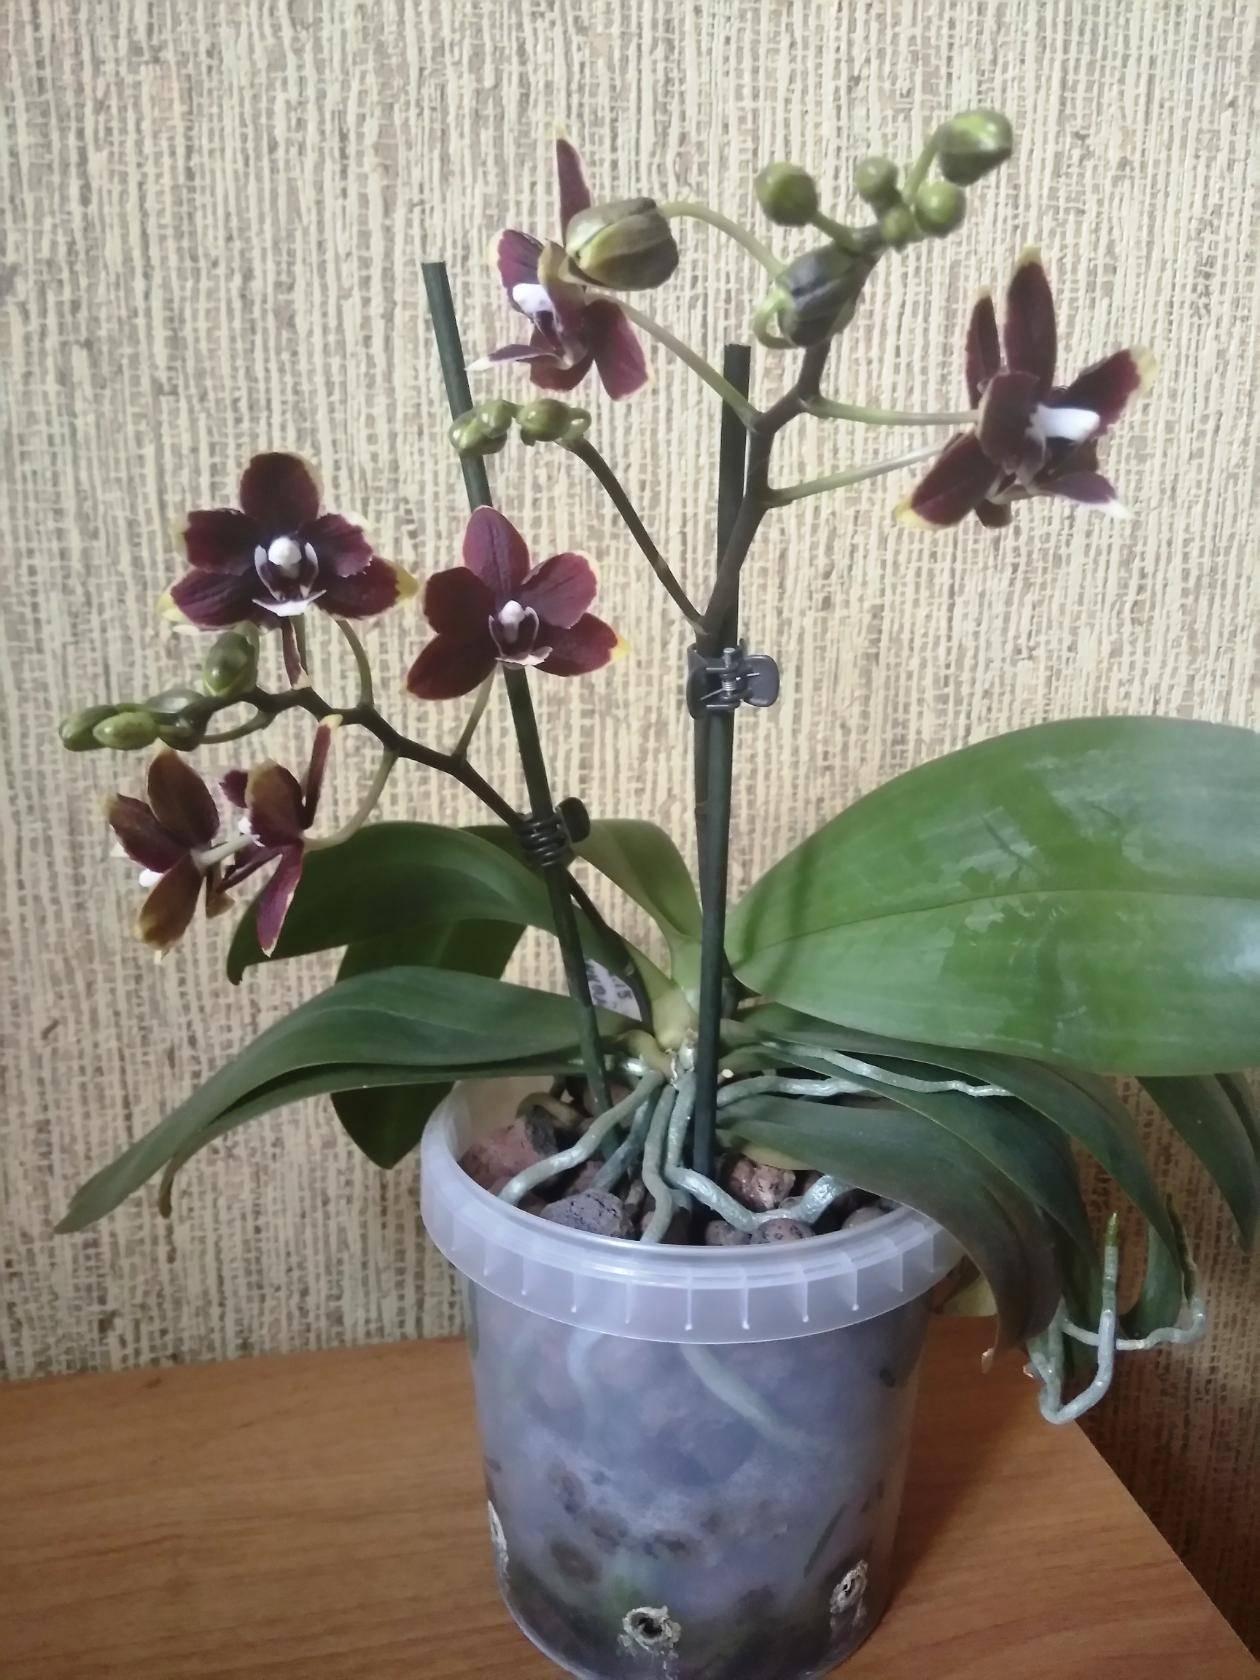 Нужен ли для орхидеи дренаж: что это такое, какой материал лучше выбрать и можно ли осуществлять посадку в керамзит? selo.guru — интернет портал о сельском хозяйстве